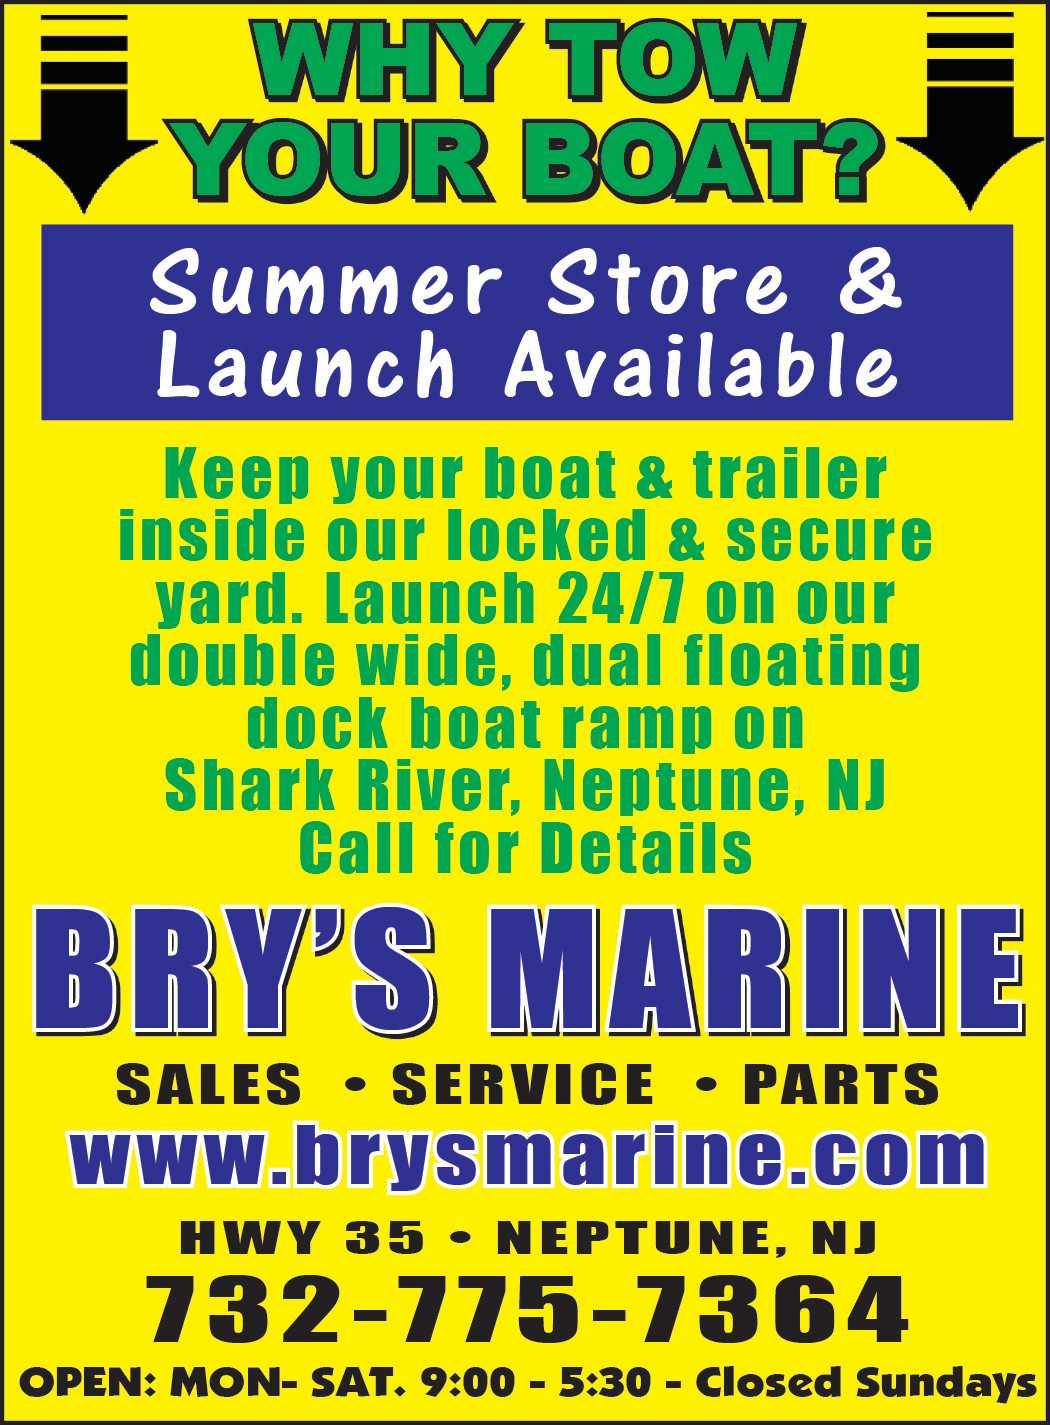 Bry's Marine special ad